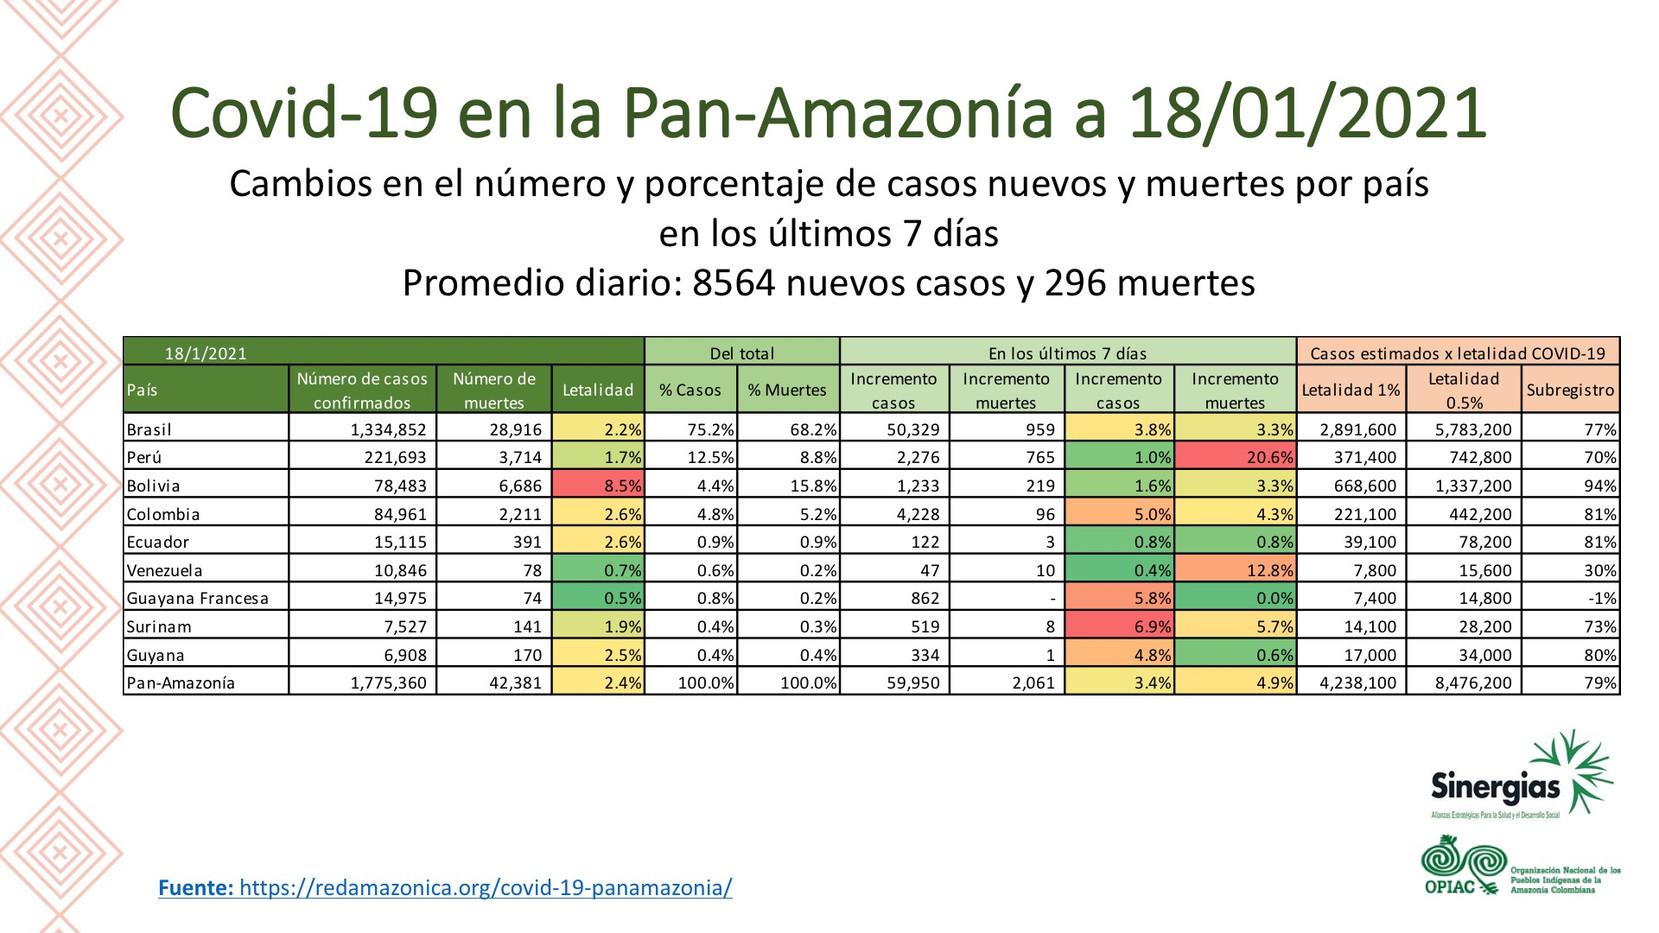 Tabla de la situación de COVID-19 en la Pan-Amazonía